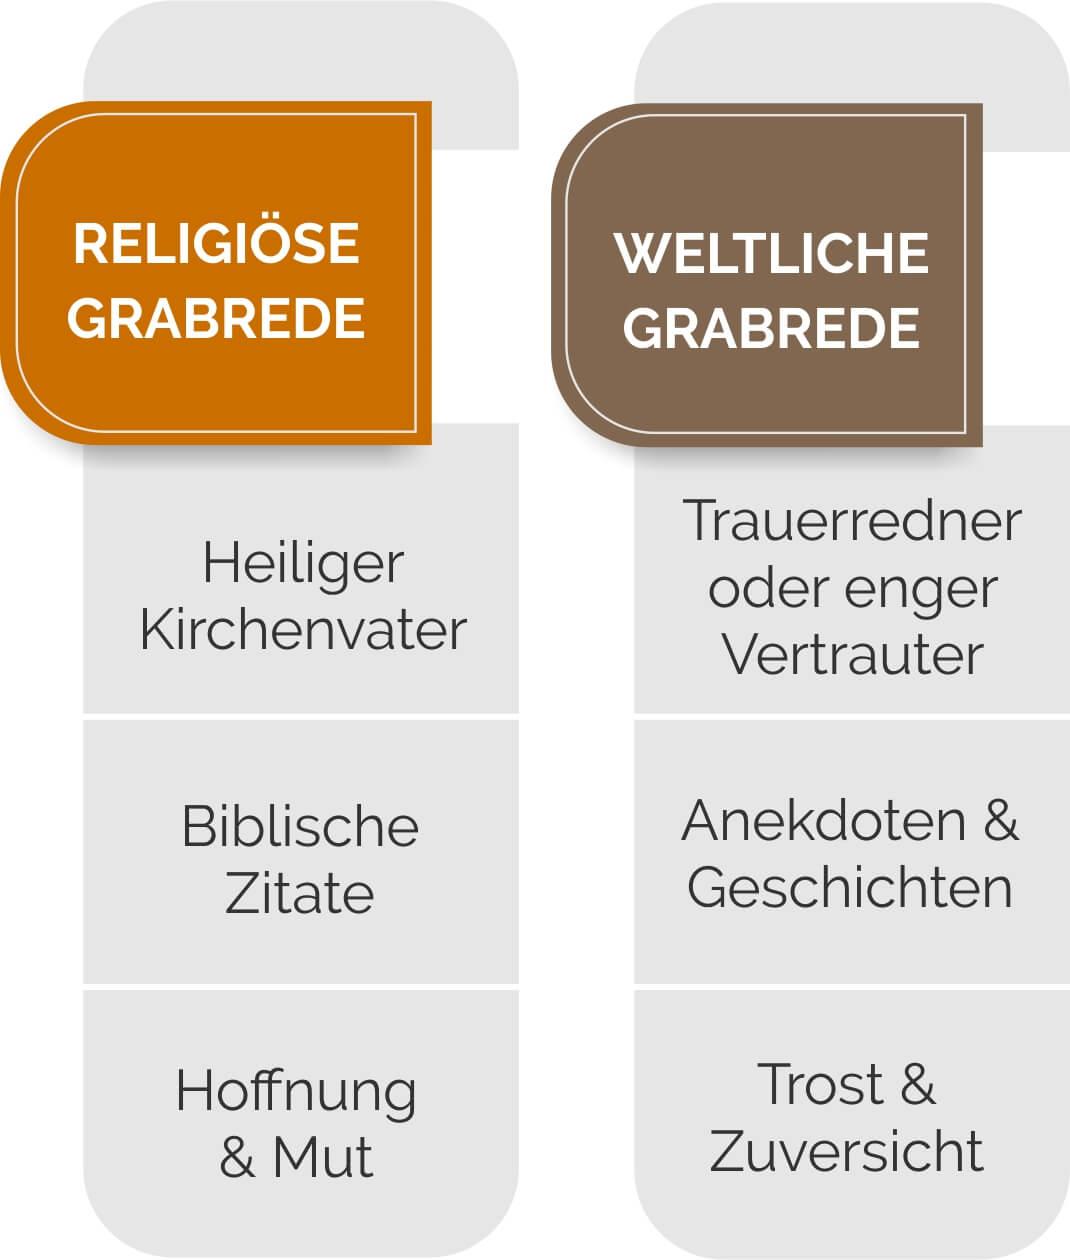 Vergleich religiöser und weltlicher Grabreden